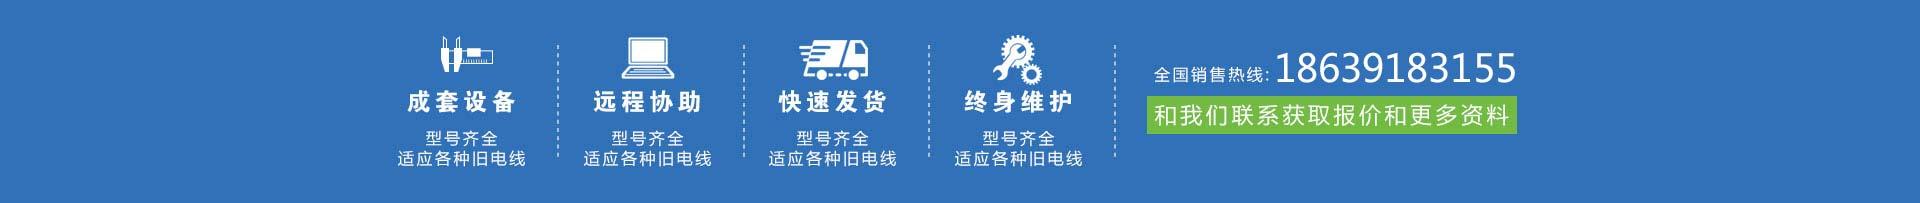 联系ag8国际科技huoqubao价和更多资料